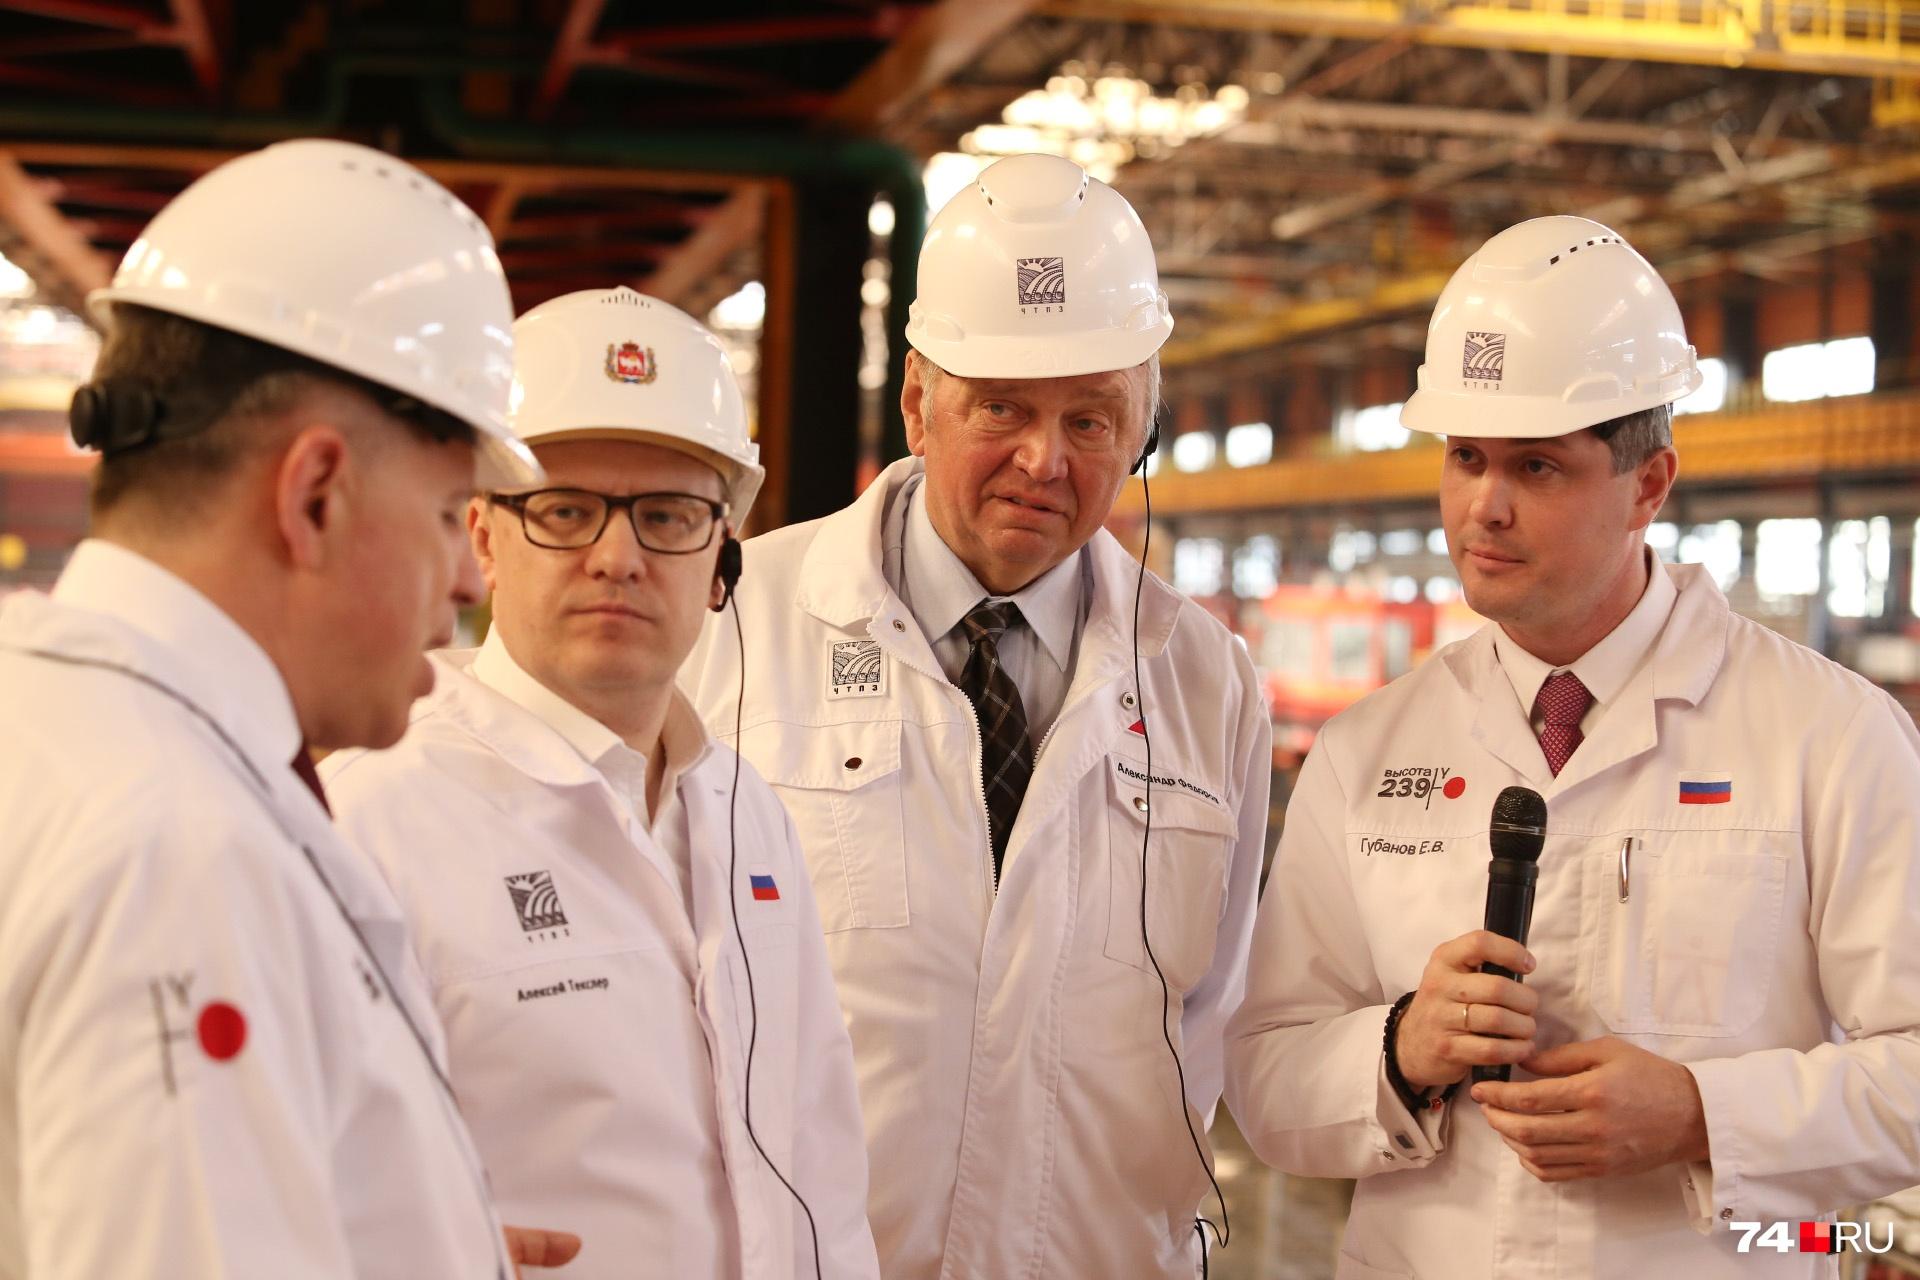 Предприниматели называют Александра Фёдорова (в центре) основателем современной промышленности в Челябинске